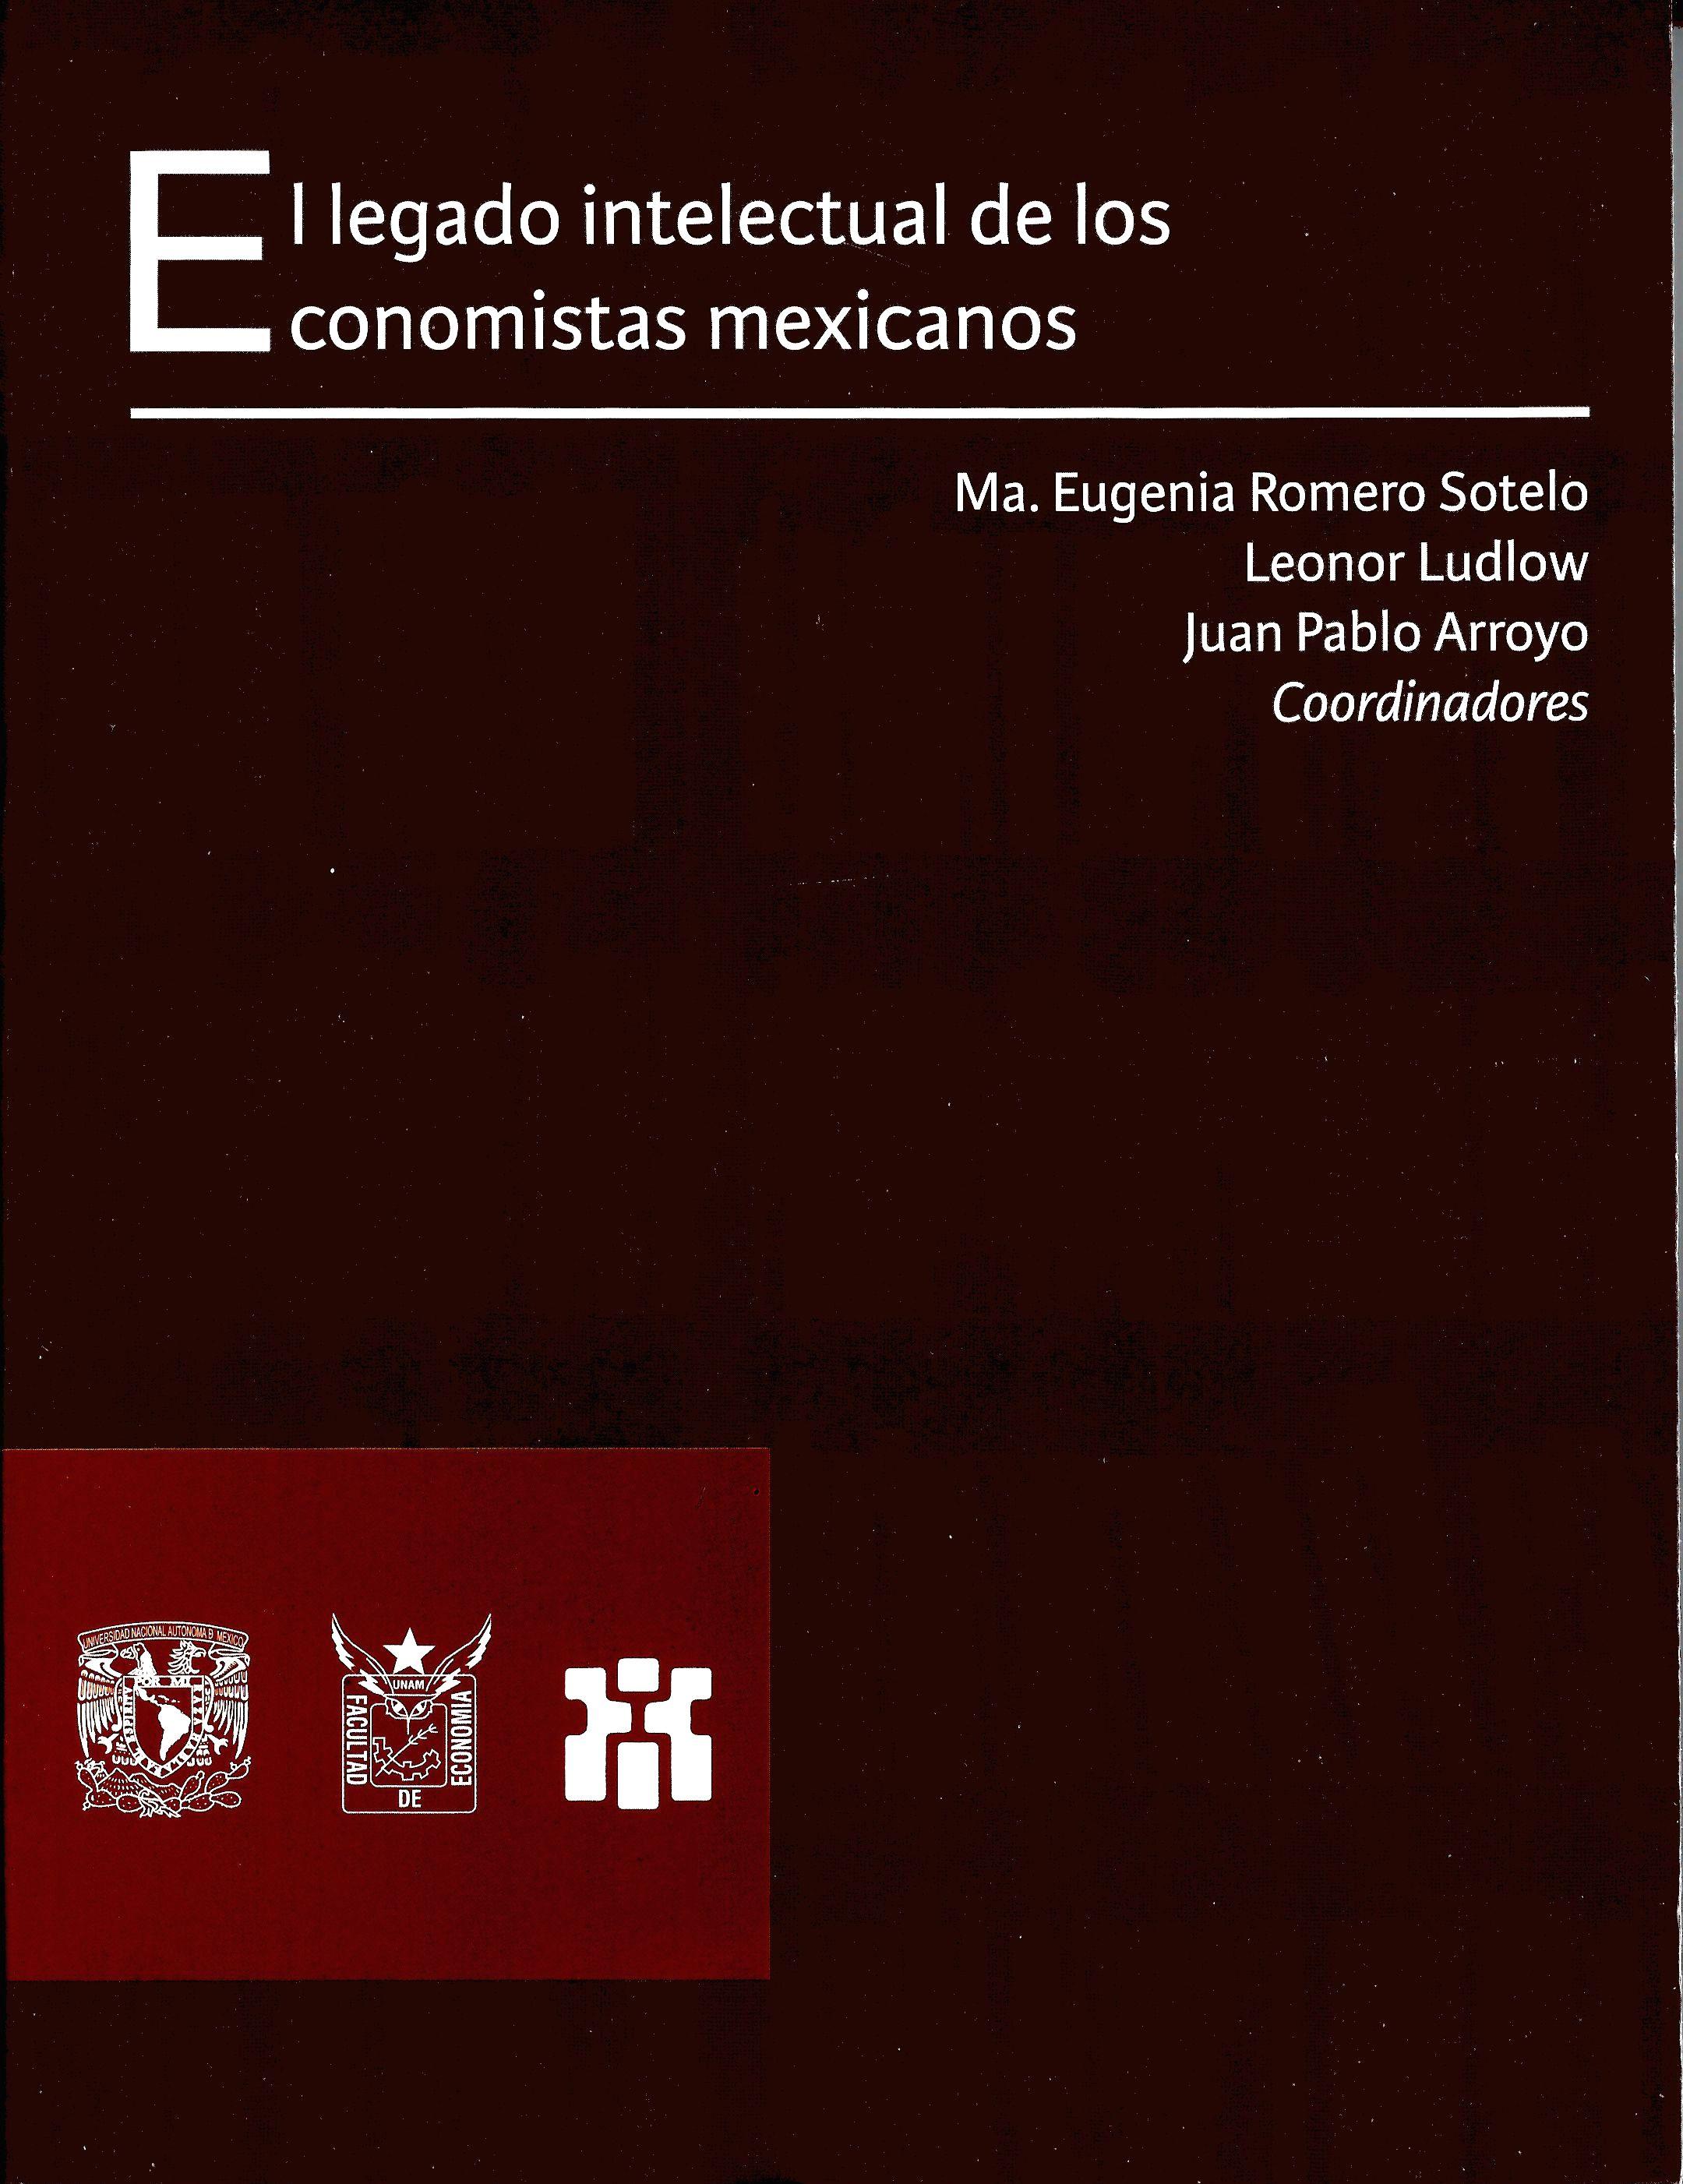 El legado intelectual de los economistas mexicanos